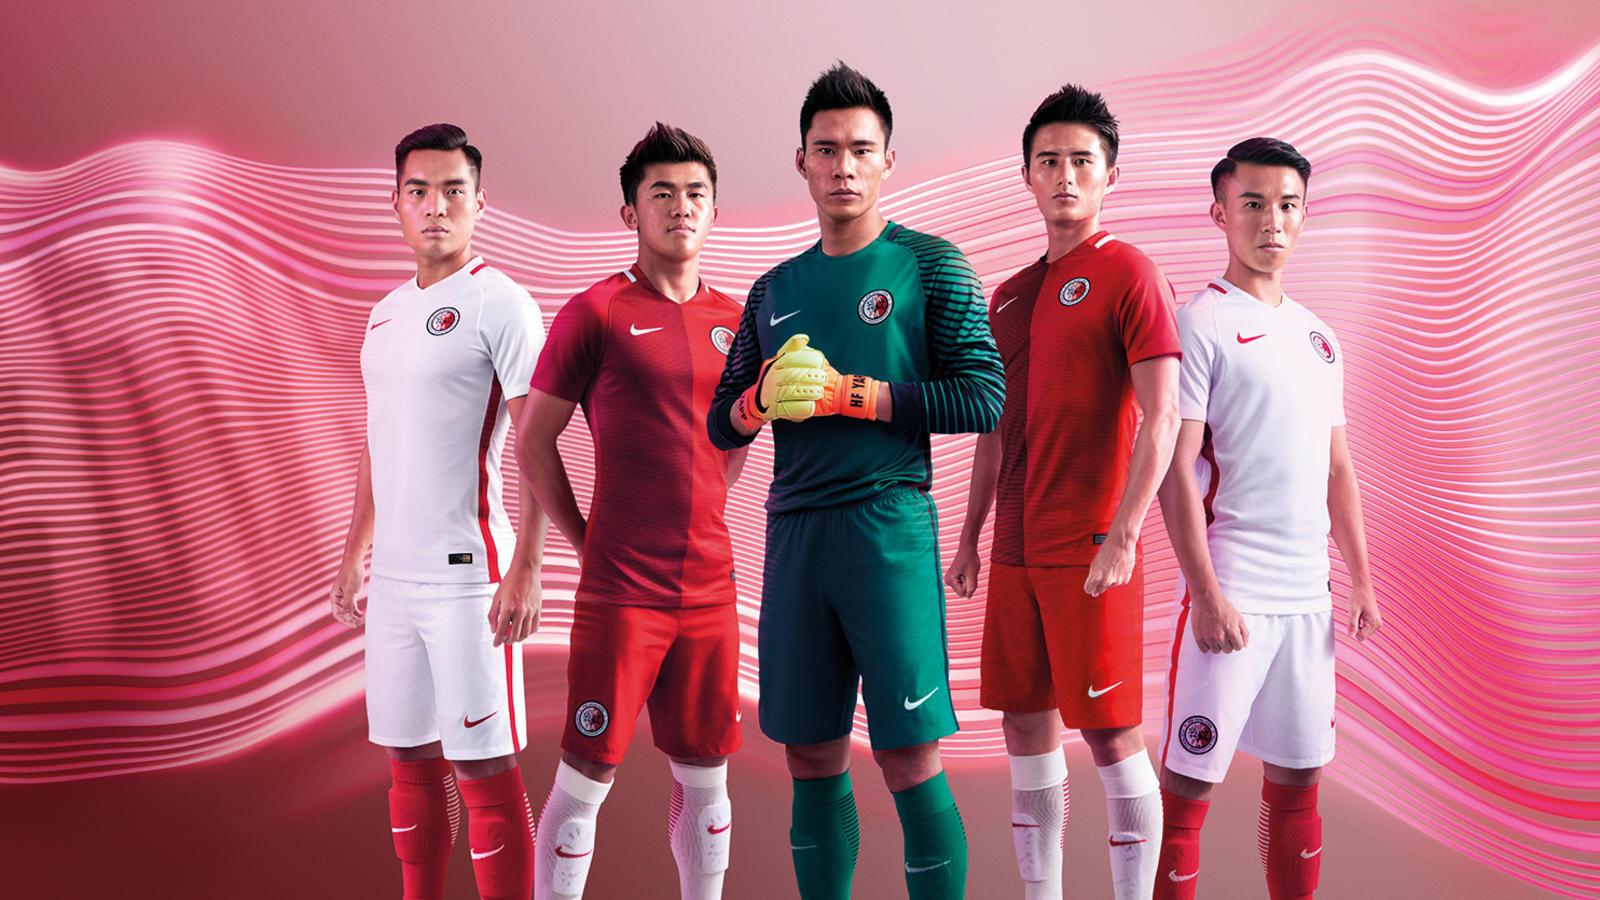 Nike launch new 2016 Hong Kong national team kits! Arunava